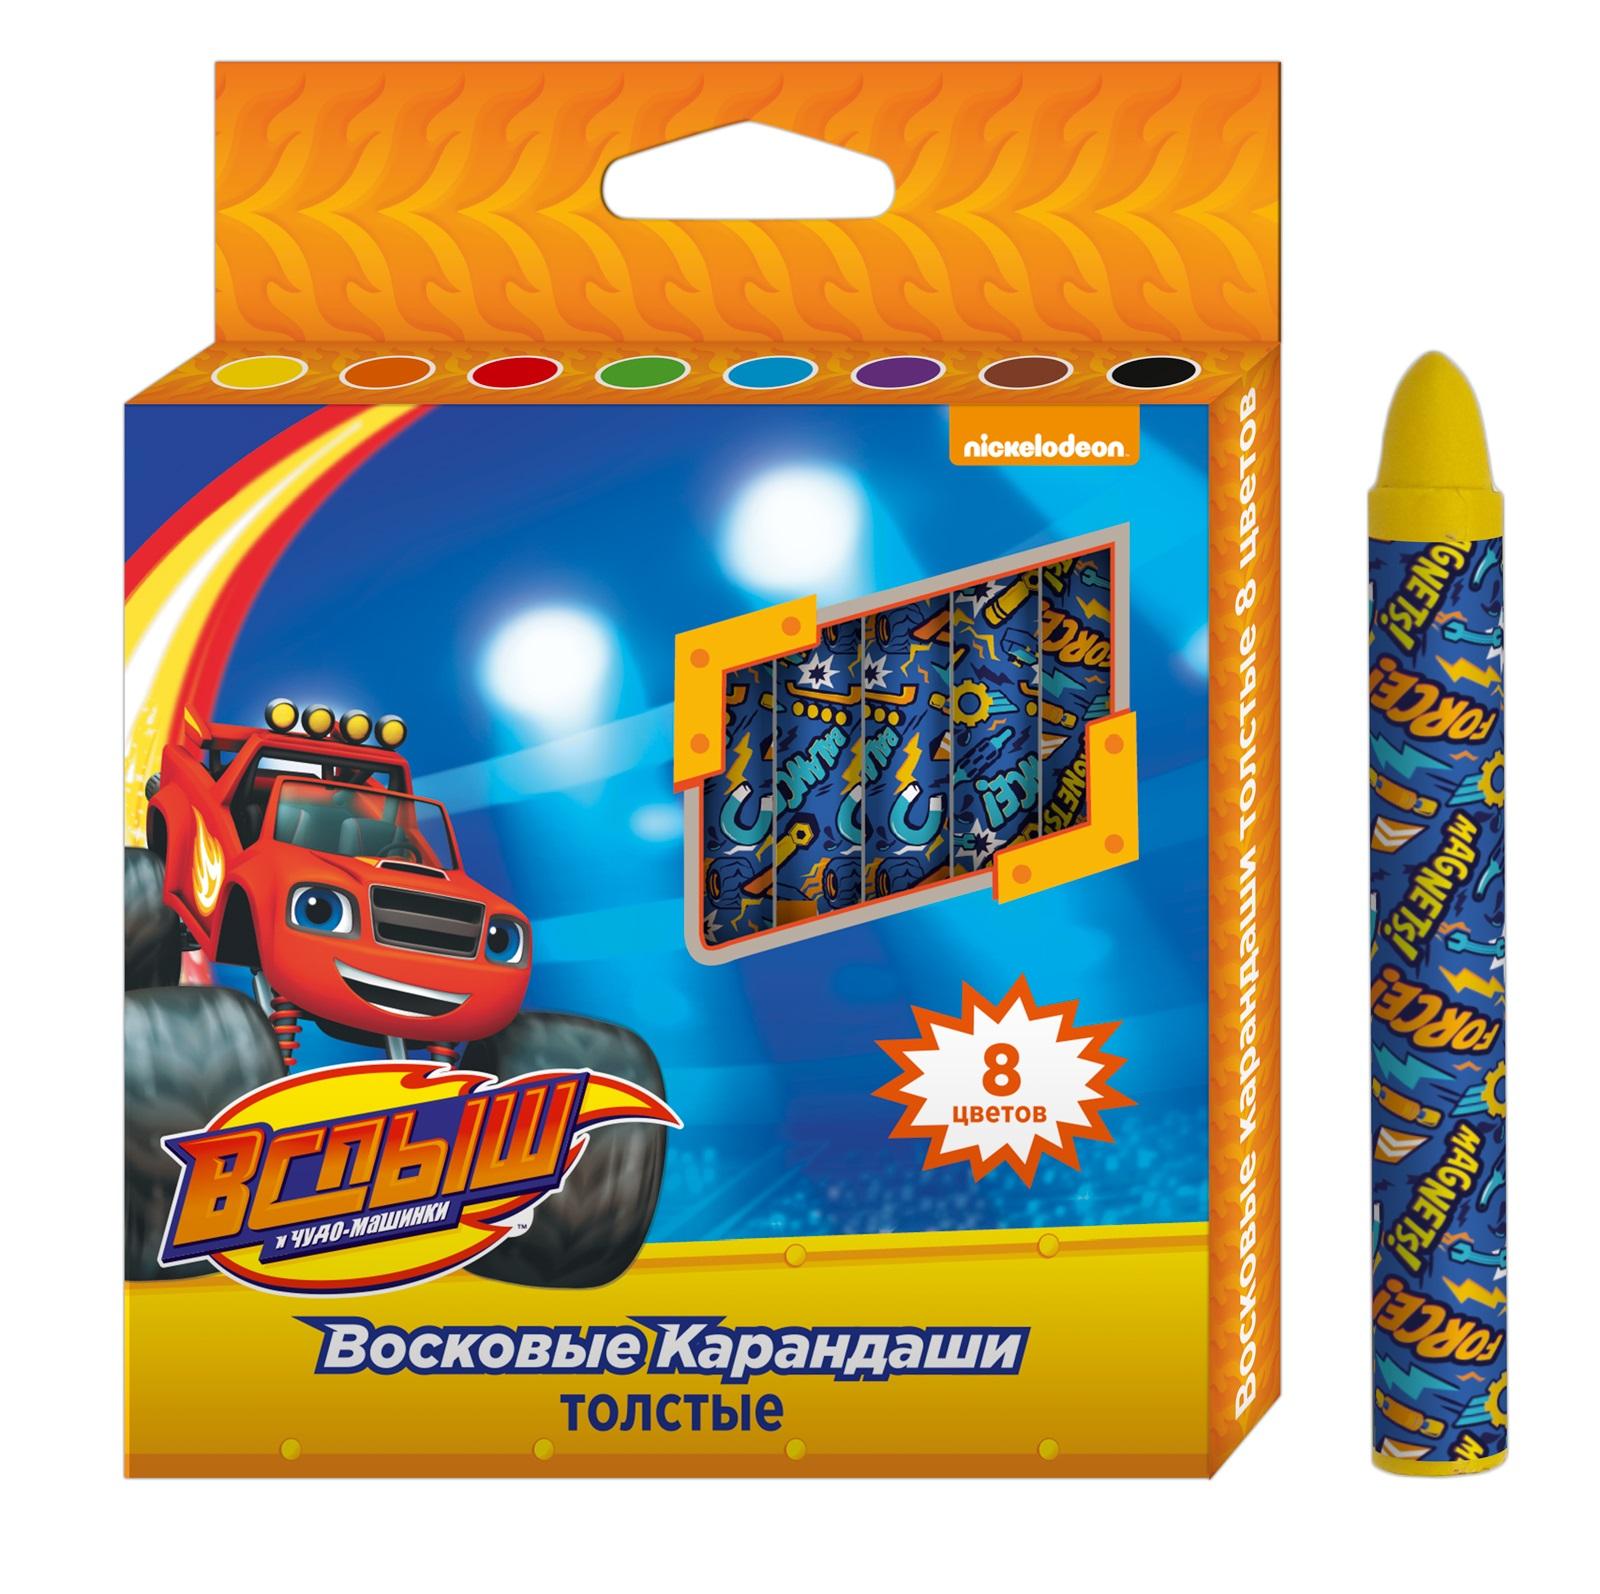 Вспыш Набор толстых восковых карандашей Blaze and the Monster Machines 8 цветов33910В набор Вспыш входит 8 восковых карандашей, которые благодаря своим ярким, насыщенным цветам идеально подходят для рисования, письма и раскрашивания.На каждом карандаше - индивидуальная бумажная упаковка, которая помогает ему не выскальзывать из рук и сохранять пальцы чистыми. Карандаши мягкие и одновременно прочные, что обеспечивает яркость линий без сильного нажима и легкое затачивание. Товар сертифицирован и безопасен при использовании по назначению.